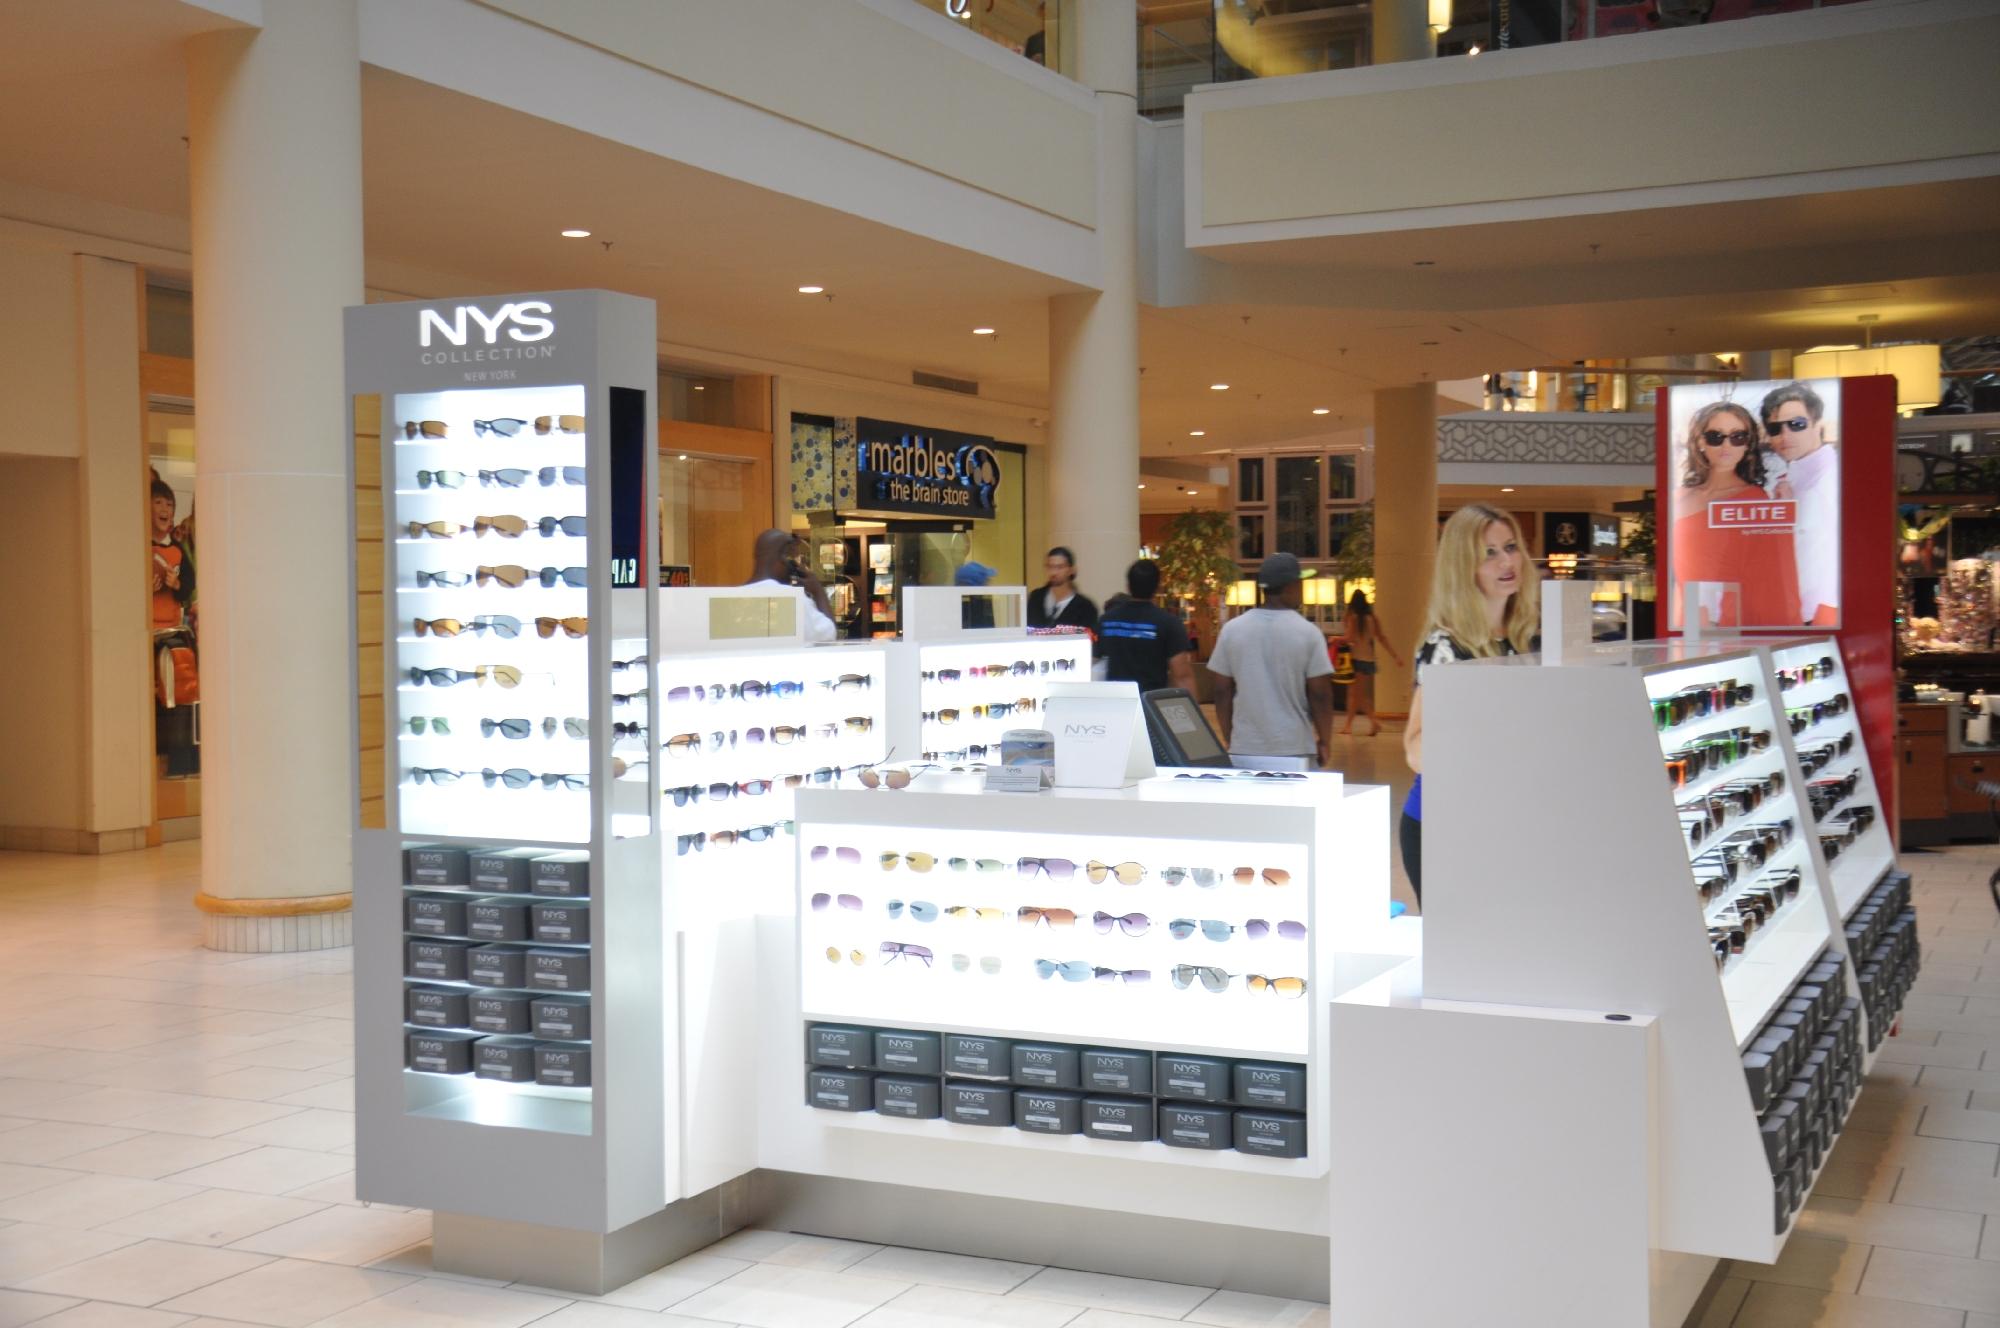 NYS KIOSK Freehold Mall 2012 075__57.jpg